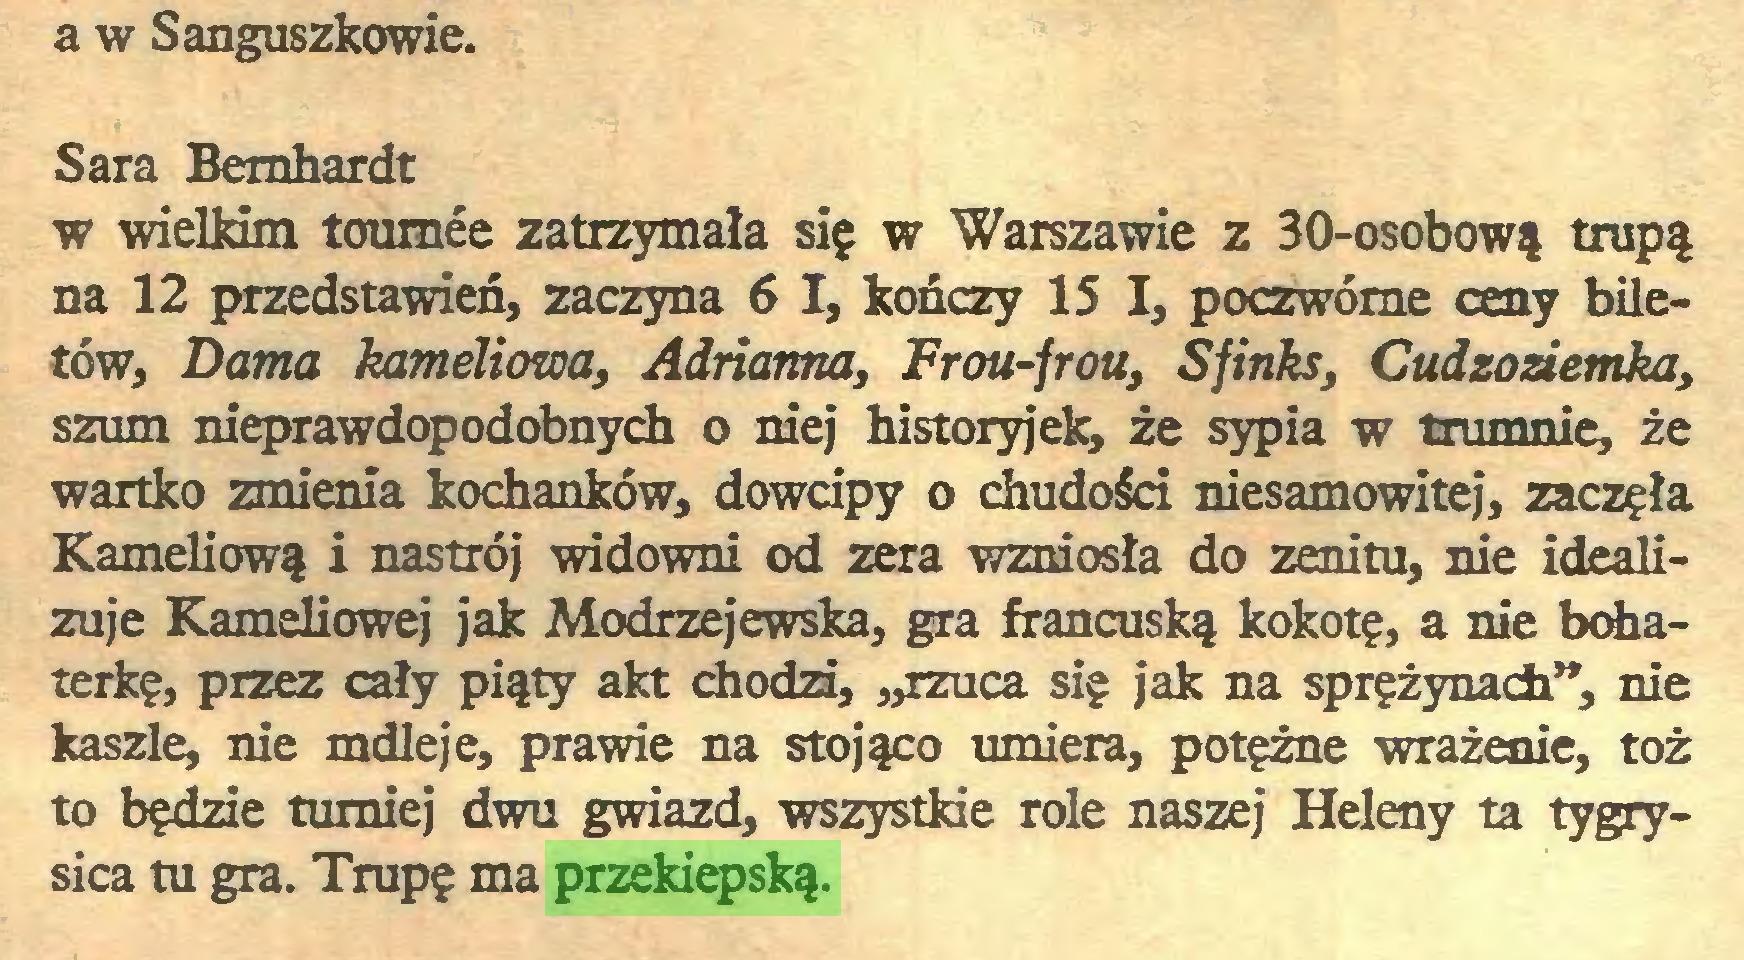 """(...) a w Sanguszkowie. Sara Bemhardt w wielkim tournée zatrzymała się w Warszawie z 30-osobową trupą na 12 przedstawień, zaczyna 6 I, kończy 15 I, poczwórne ceny biletów, Dama kameliowa, Adrianna, Frou-frou, Sfinks, Cudzoziemka, szum nieprawdopodobnych o niej historyjek, że sypia w trumnie, że wartko zmienia kochanków, dowcipy o chudości niesamowitej, zaczęła Kameliową i nastrój widowni od zera wzniosła do zenitu, nie idealizuje Kameliowej jak Modrzejewska, gra francuską kokotę, a nie bohaterkę, przez cały piąty akt chodzi, """"rzuca się jak na sprężynach"""", nie kaszle, nie mdleje, prawie na stojąco umiera, potężne wrażenie, toż to będzie turniej dwu gwiazd, wszystkie role naszej Heleny ta tygrysica tu gra. Trupę ma przekiepską..."""